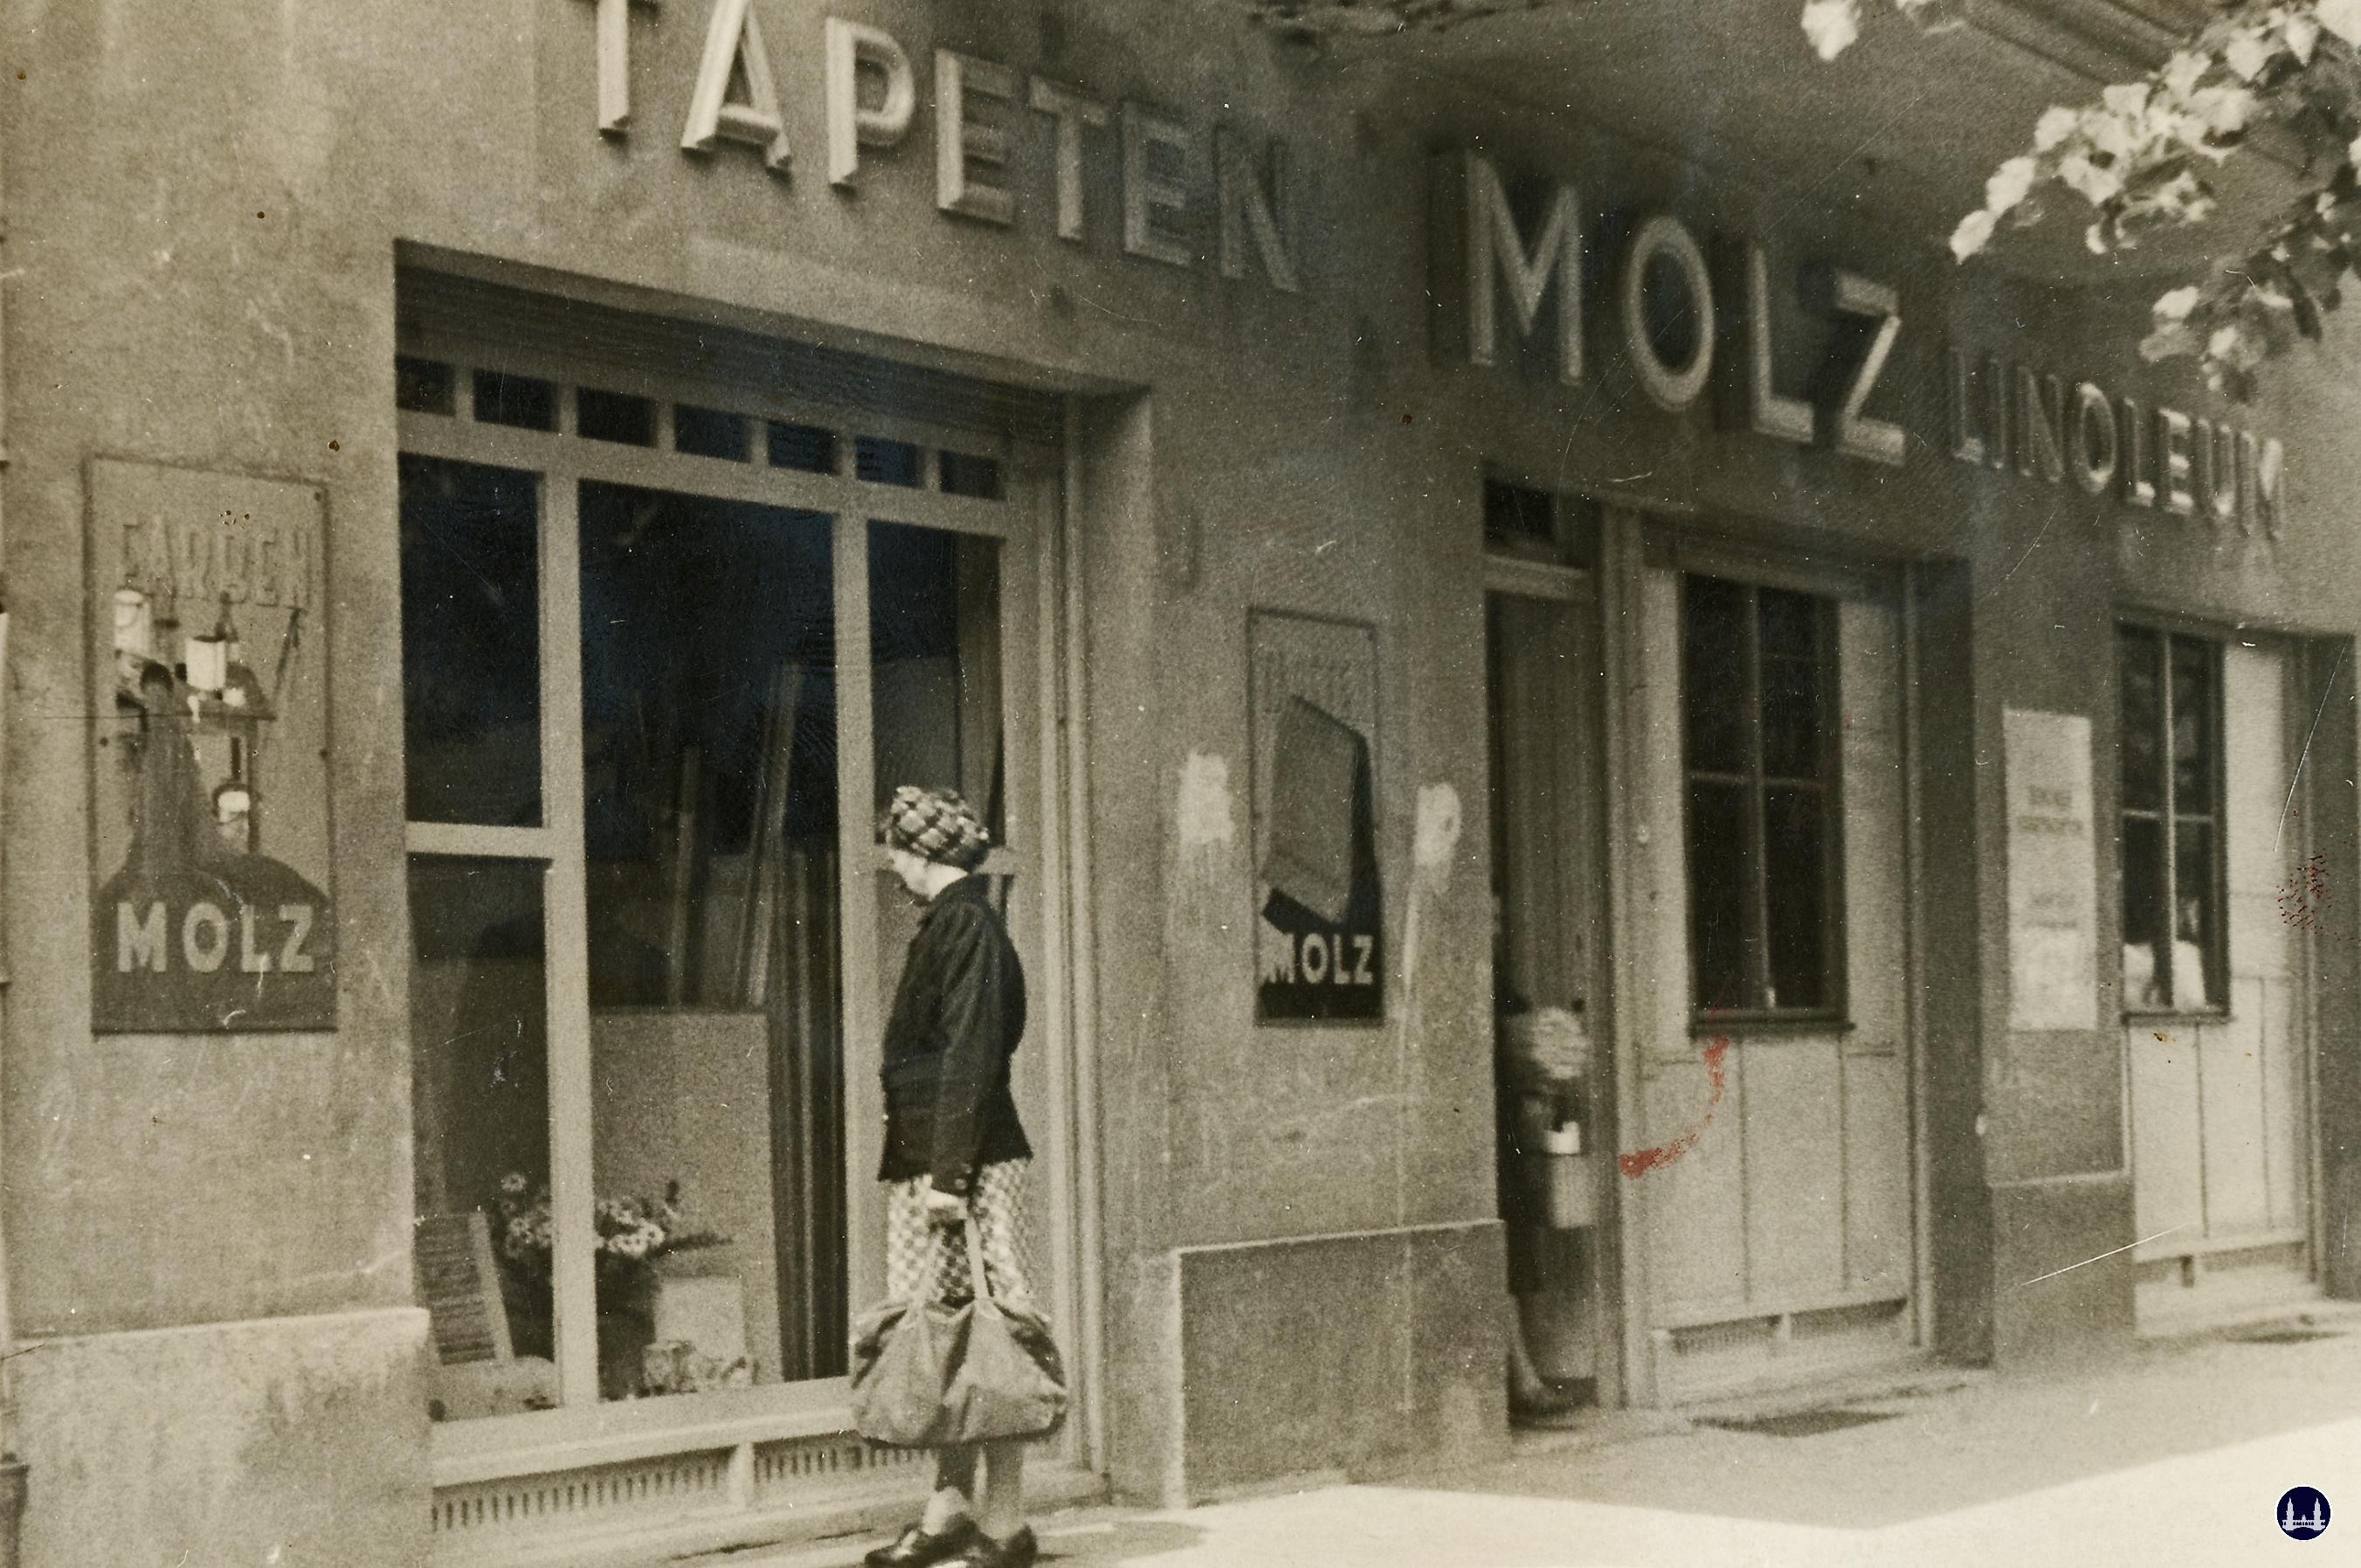 Molz Raumdesign am Mariendorfer Damm. Kundin in der Nachkriegszeit vor dem Schaufenster.